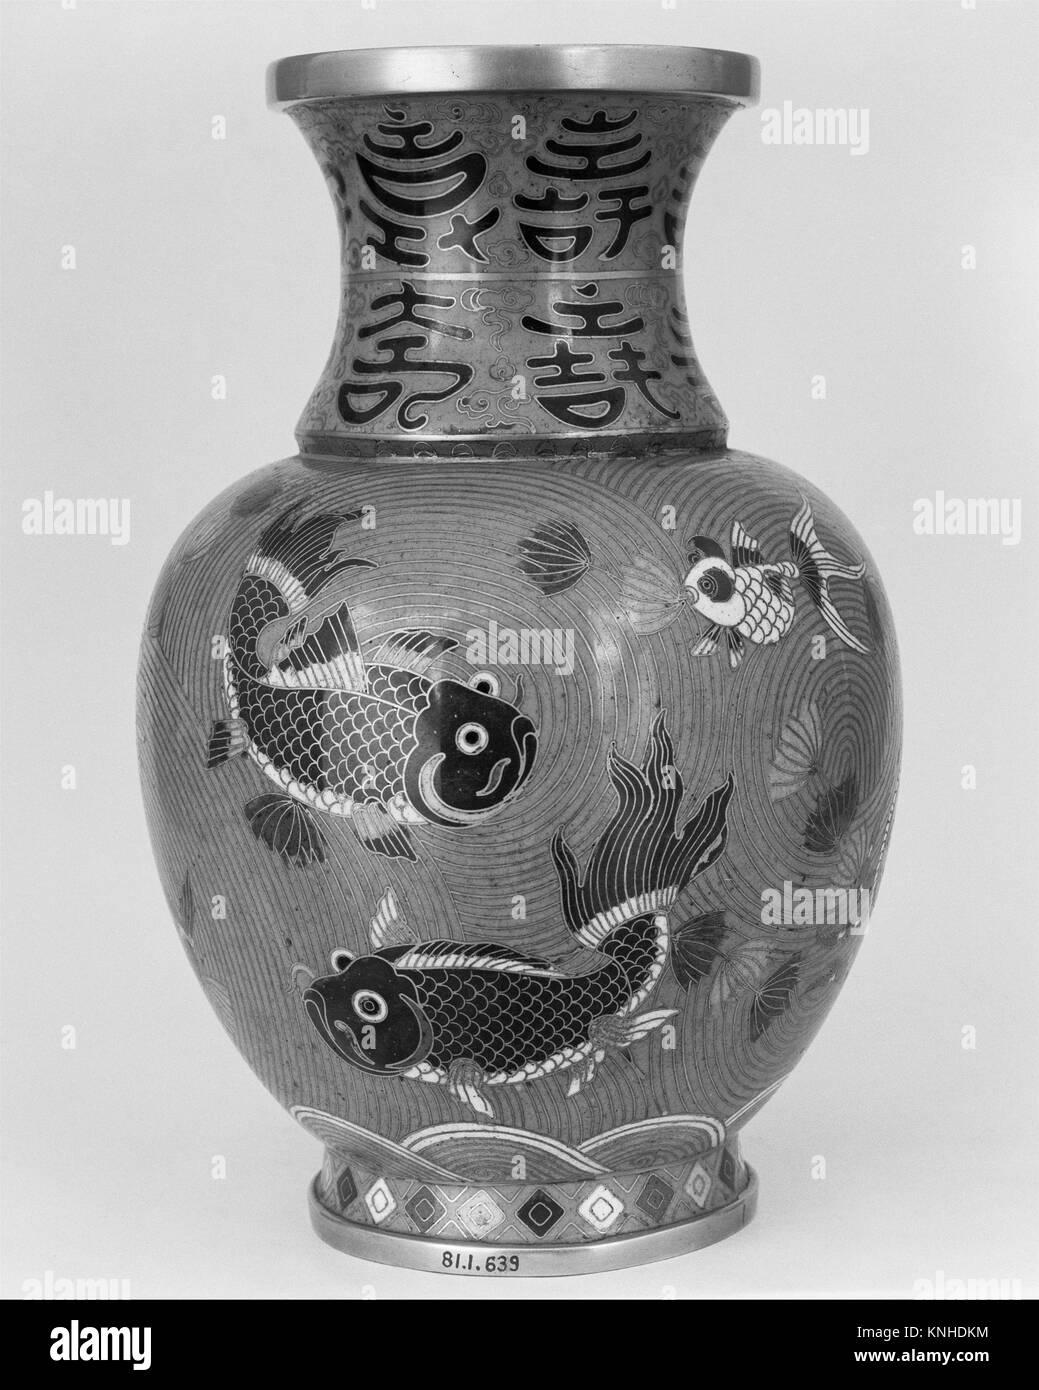 Cloisonne vase stock photos cloisonne vase stock images alamy vase date 19th century culture japan medium cloisonn enamel reviewsmspy